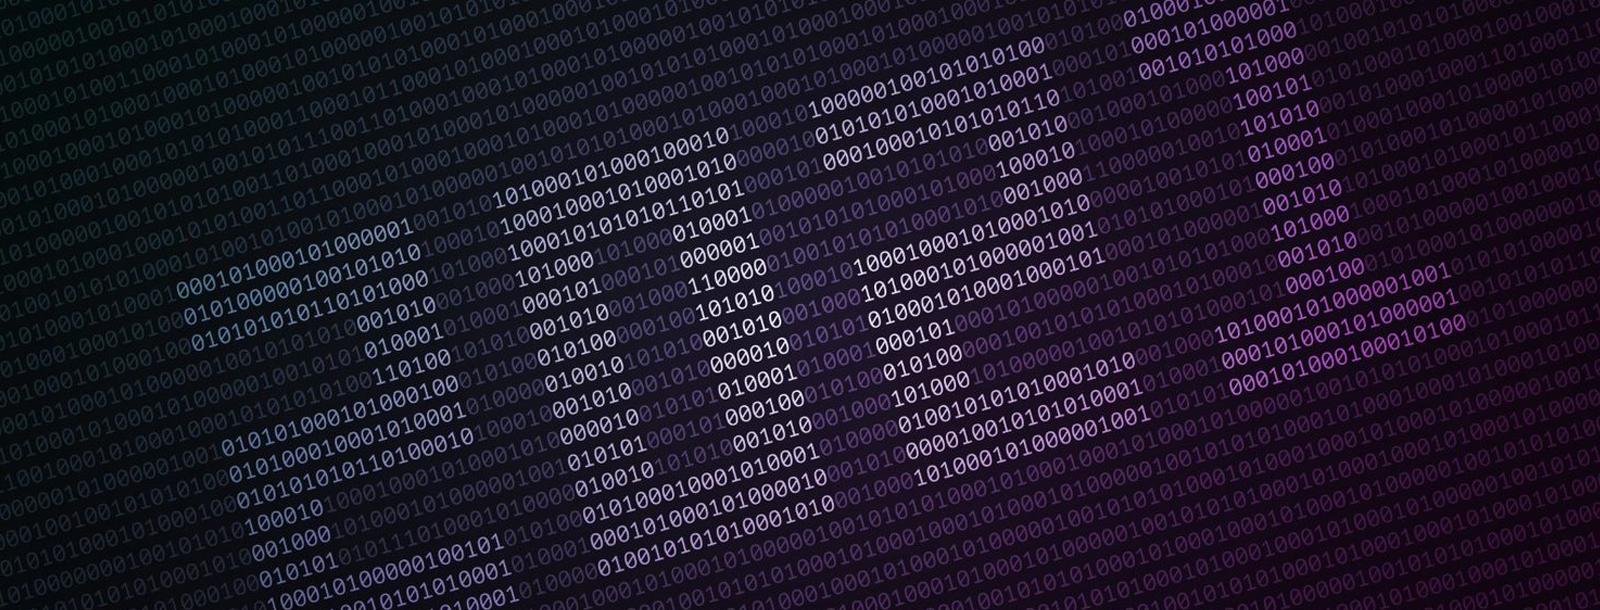 Co nas czeka w cyberbezpieczeństwie w 2021 roku? Przewidywania eksperta Sophos.